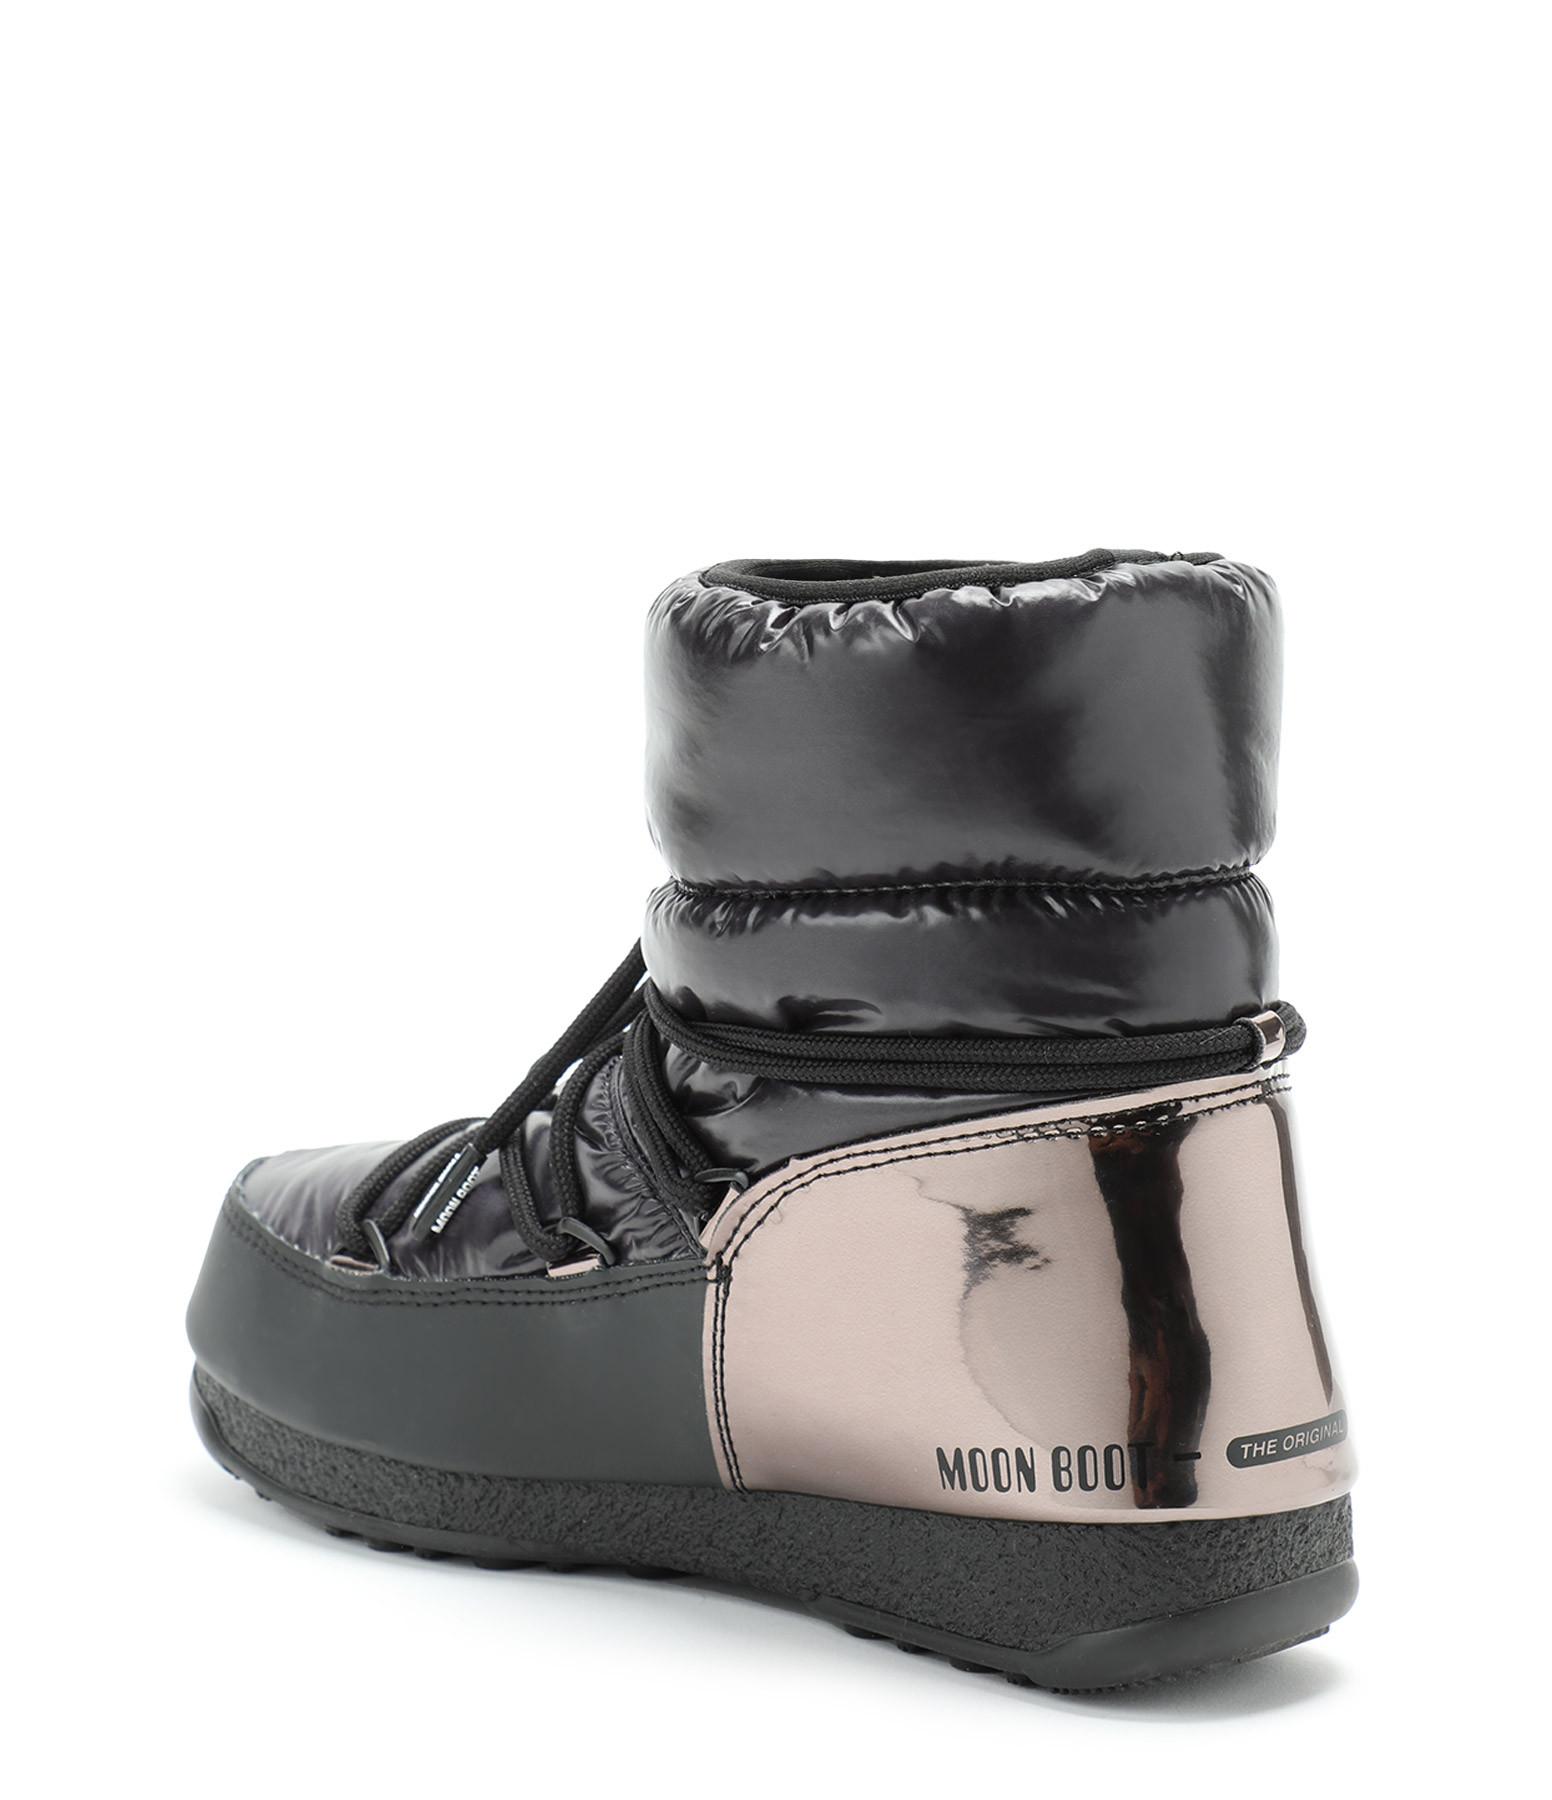 MOON BOOT - Moon Boot Basses Aspen Noir